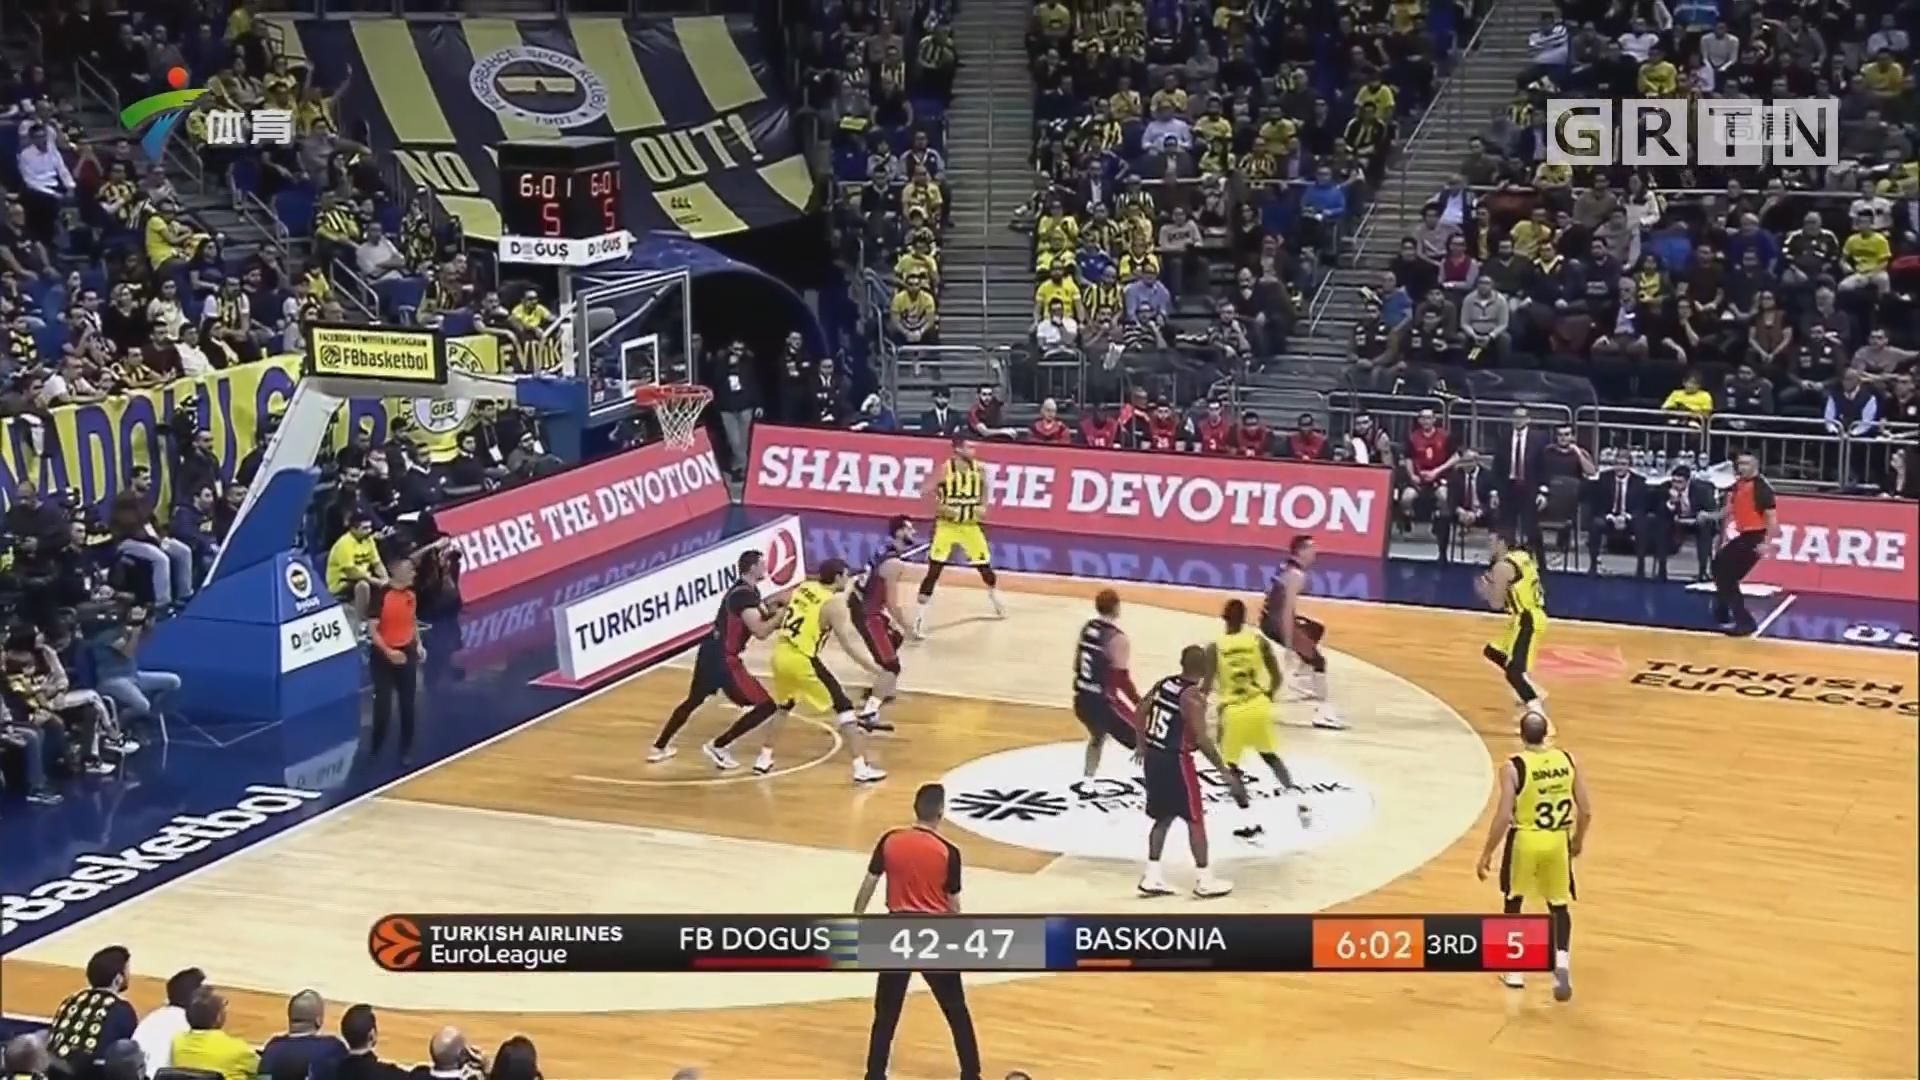 欧冠篮球 奥林匹亚科斯大胜 排名并列榜首